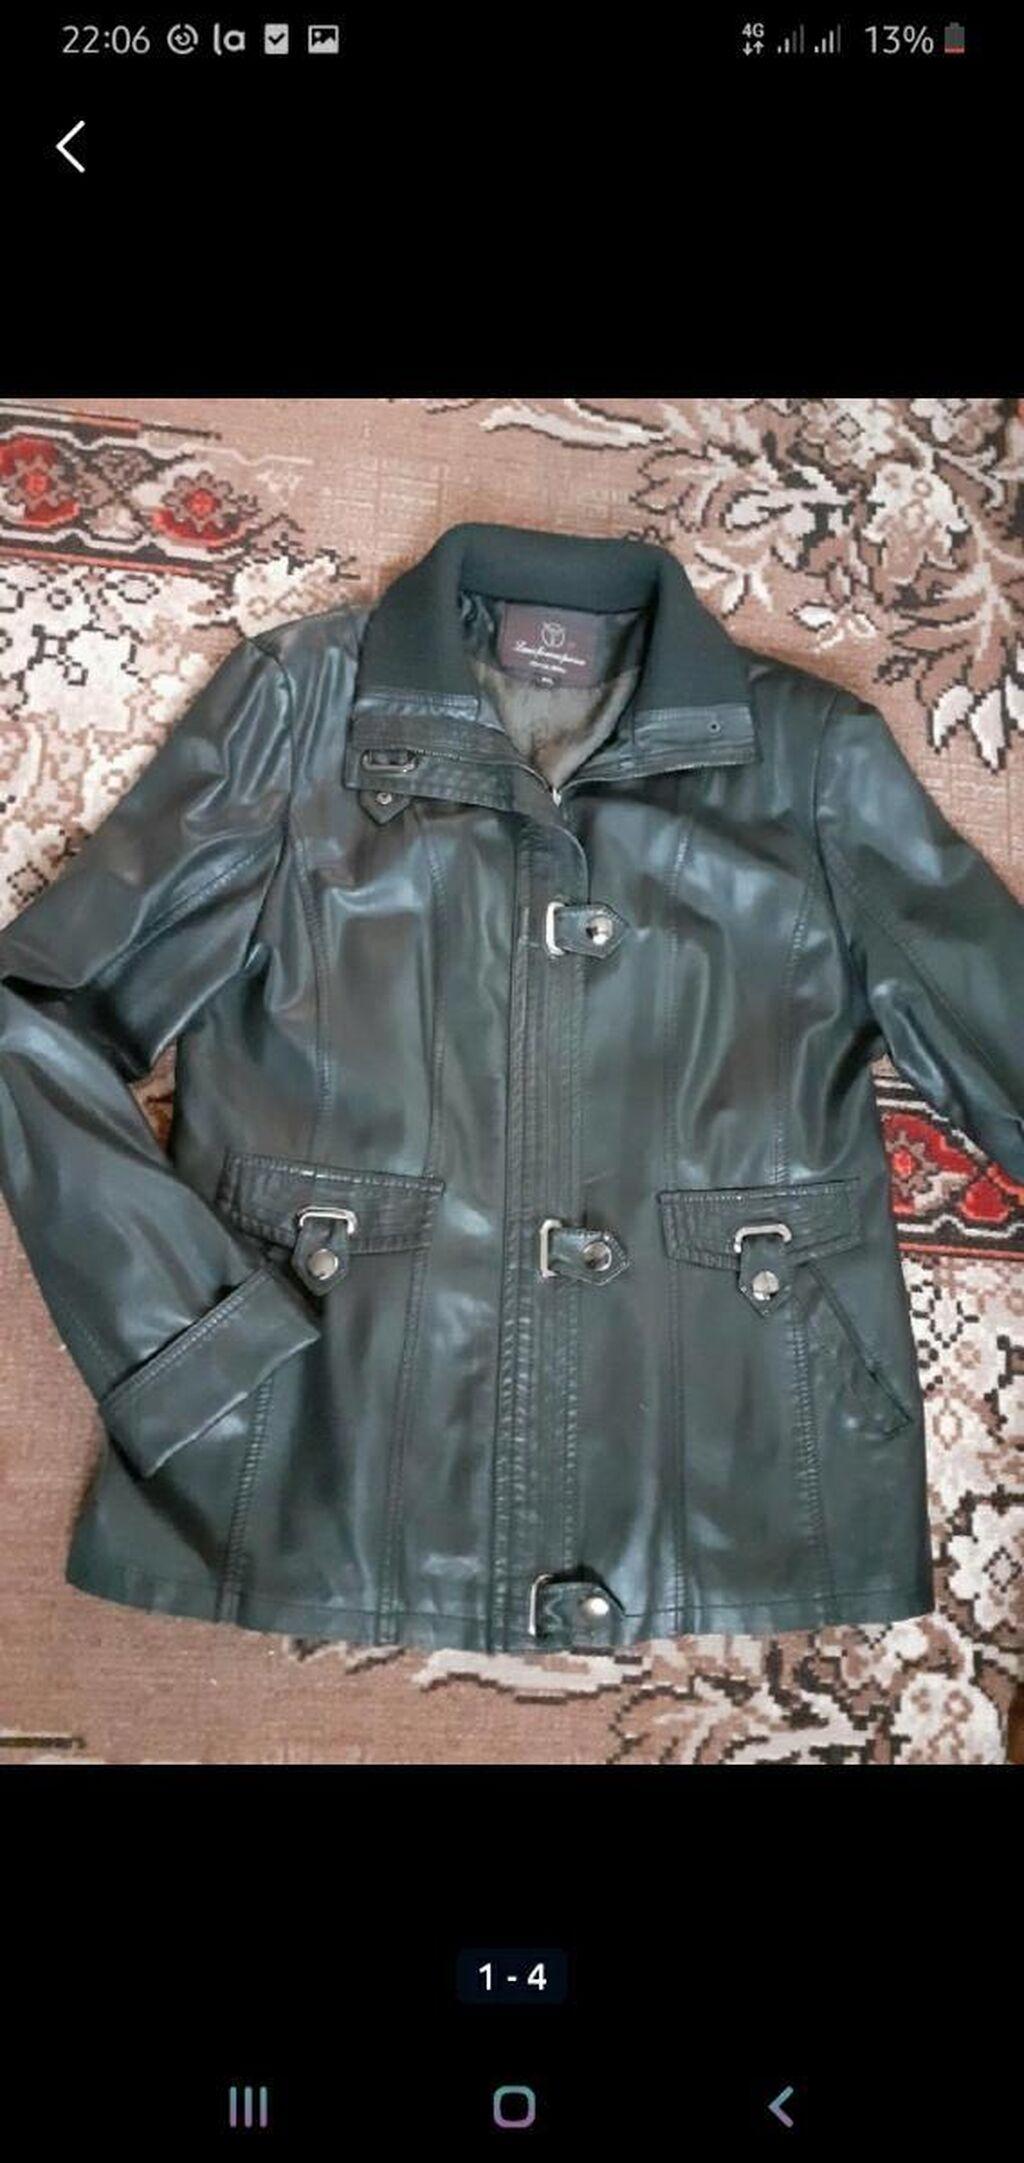 Женская кожаная куртка, размер 50-52, в идеальном состоянии: Женская кожаная куртка, размер 50-52, в идеальном состоянии